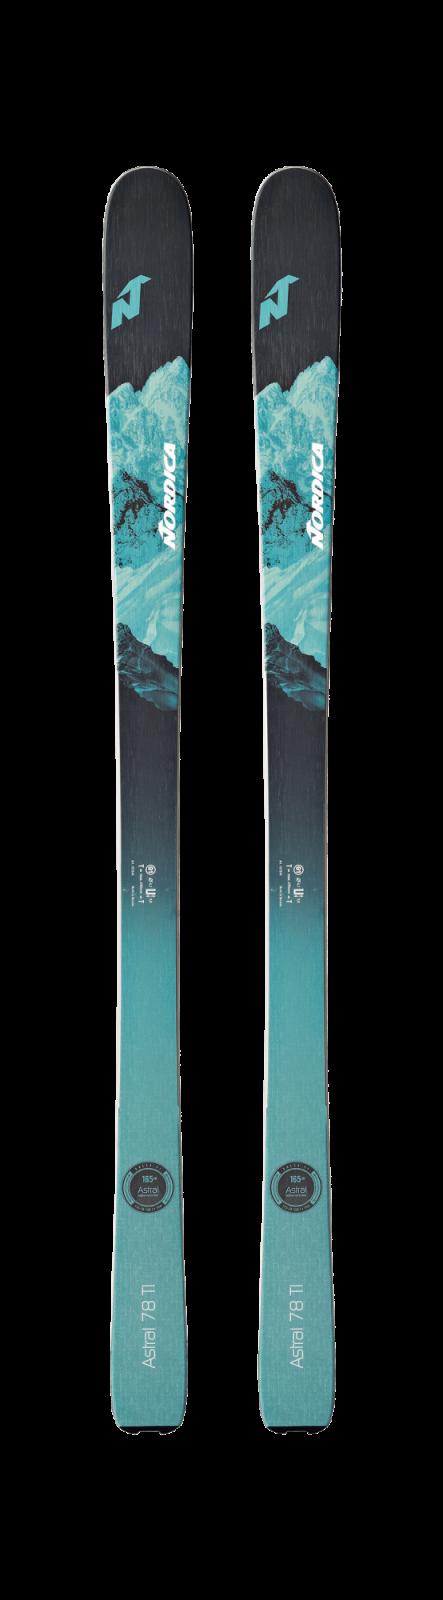 2021 Nordica Astral 78 Women's Ski